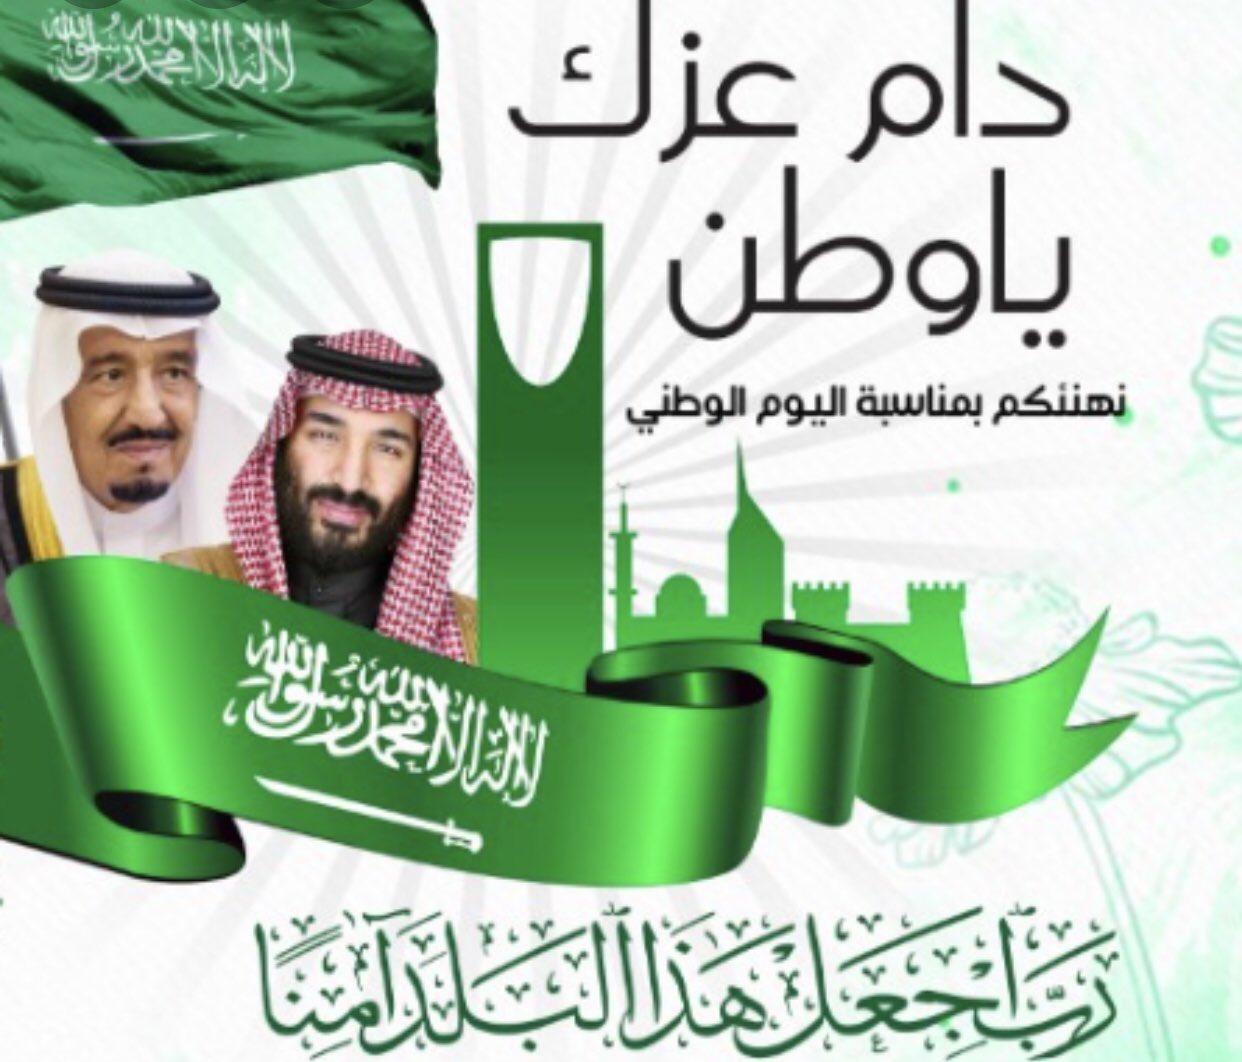 عبارات تهنئة اليوم الوطني السعودي 1442 أجمل رسائل العيد الوطني 90 همة حتى القمة